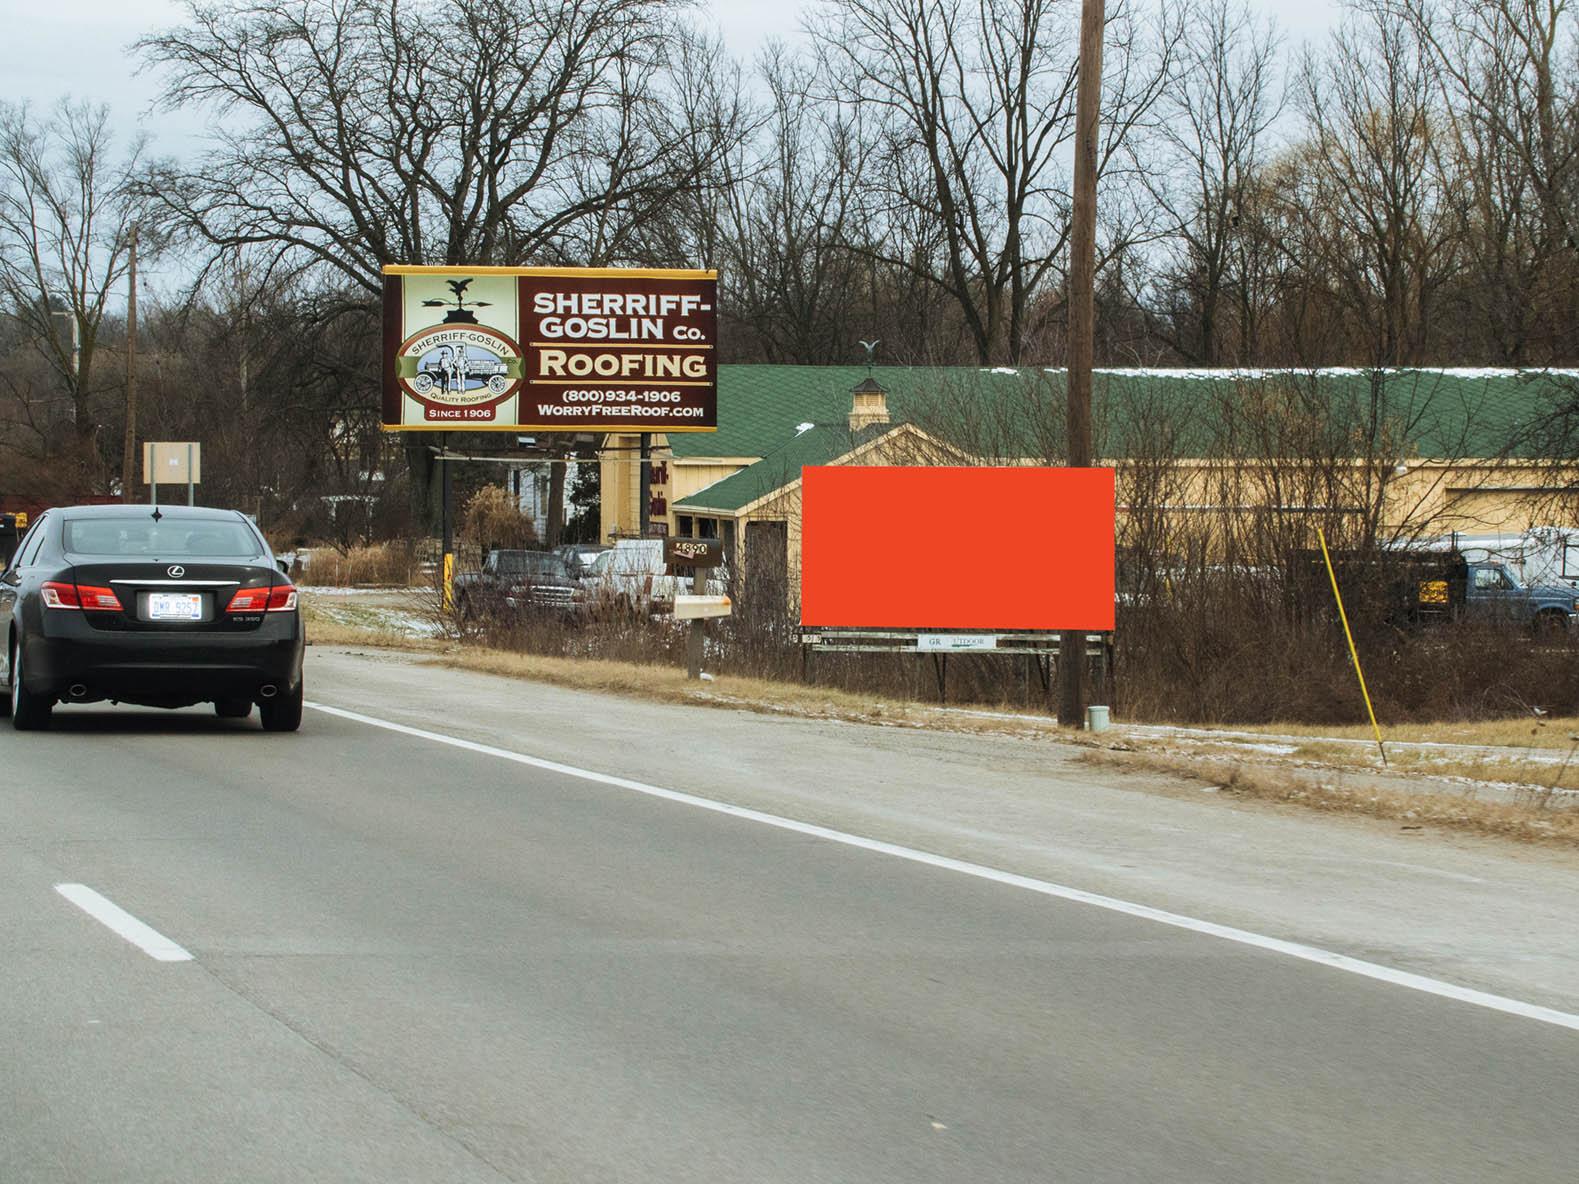 Billboard 418 South (8 x 16) - Geopath: 30655505